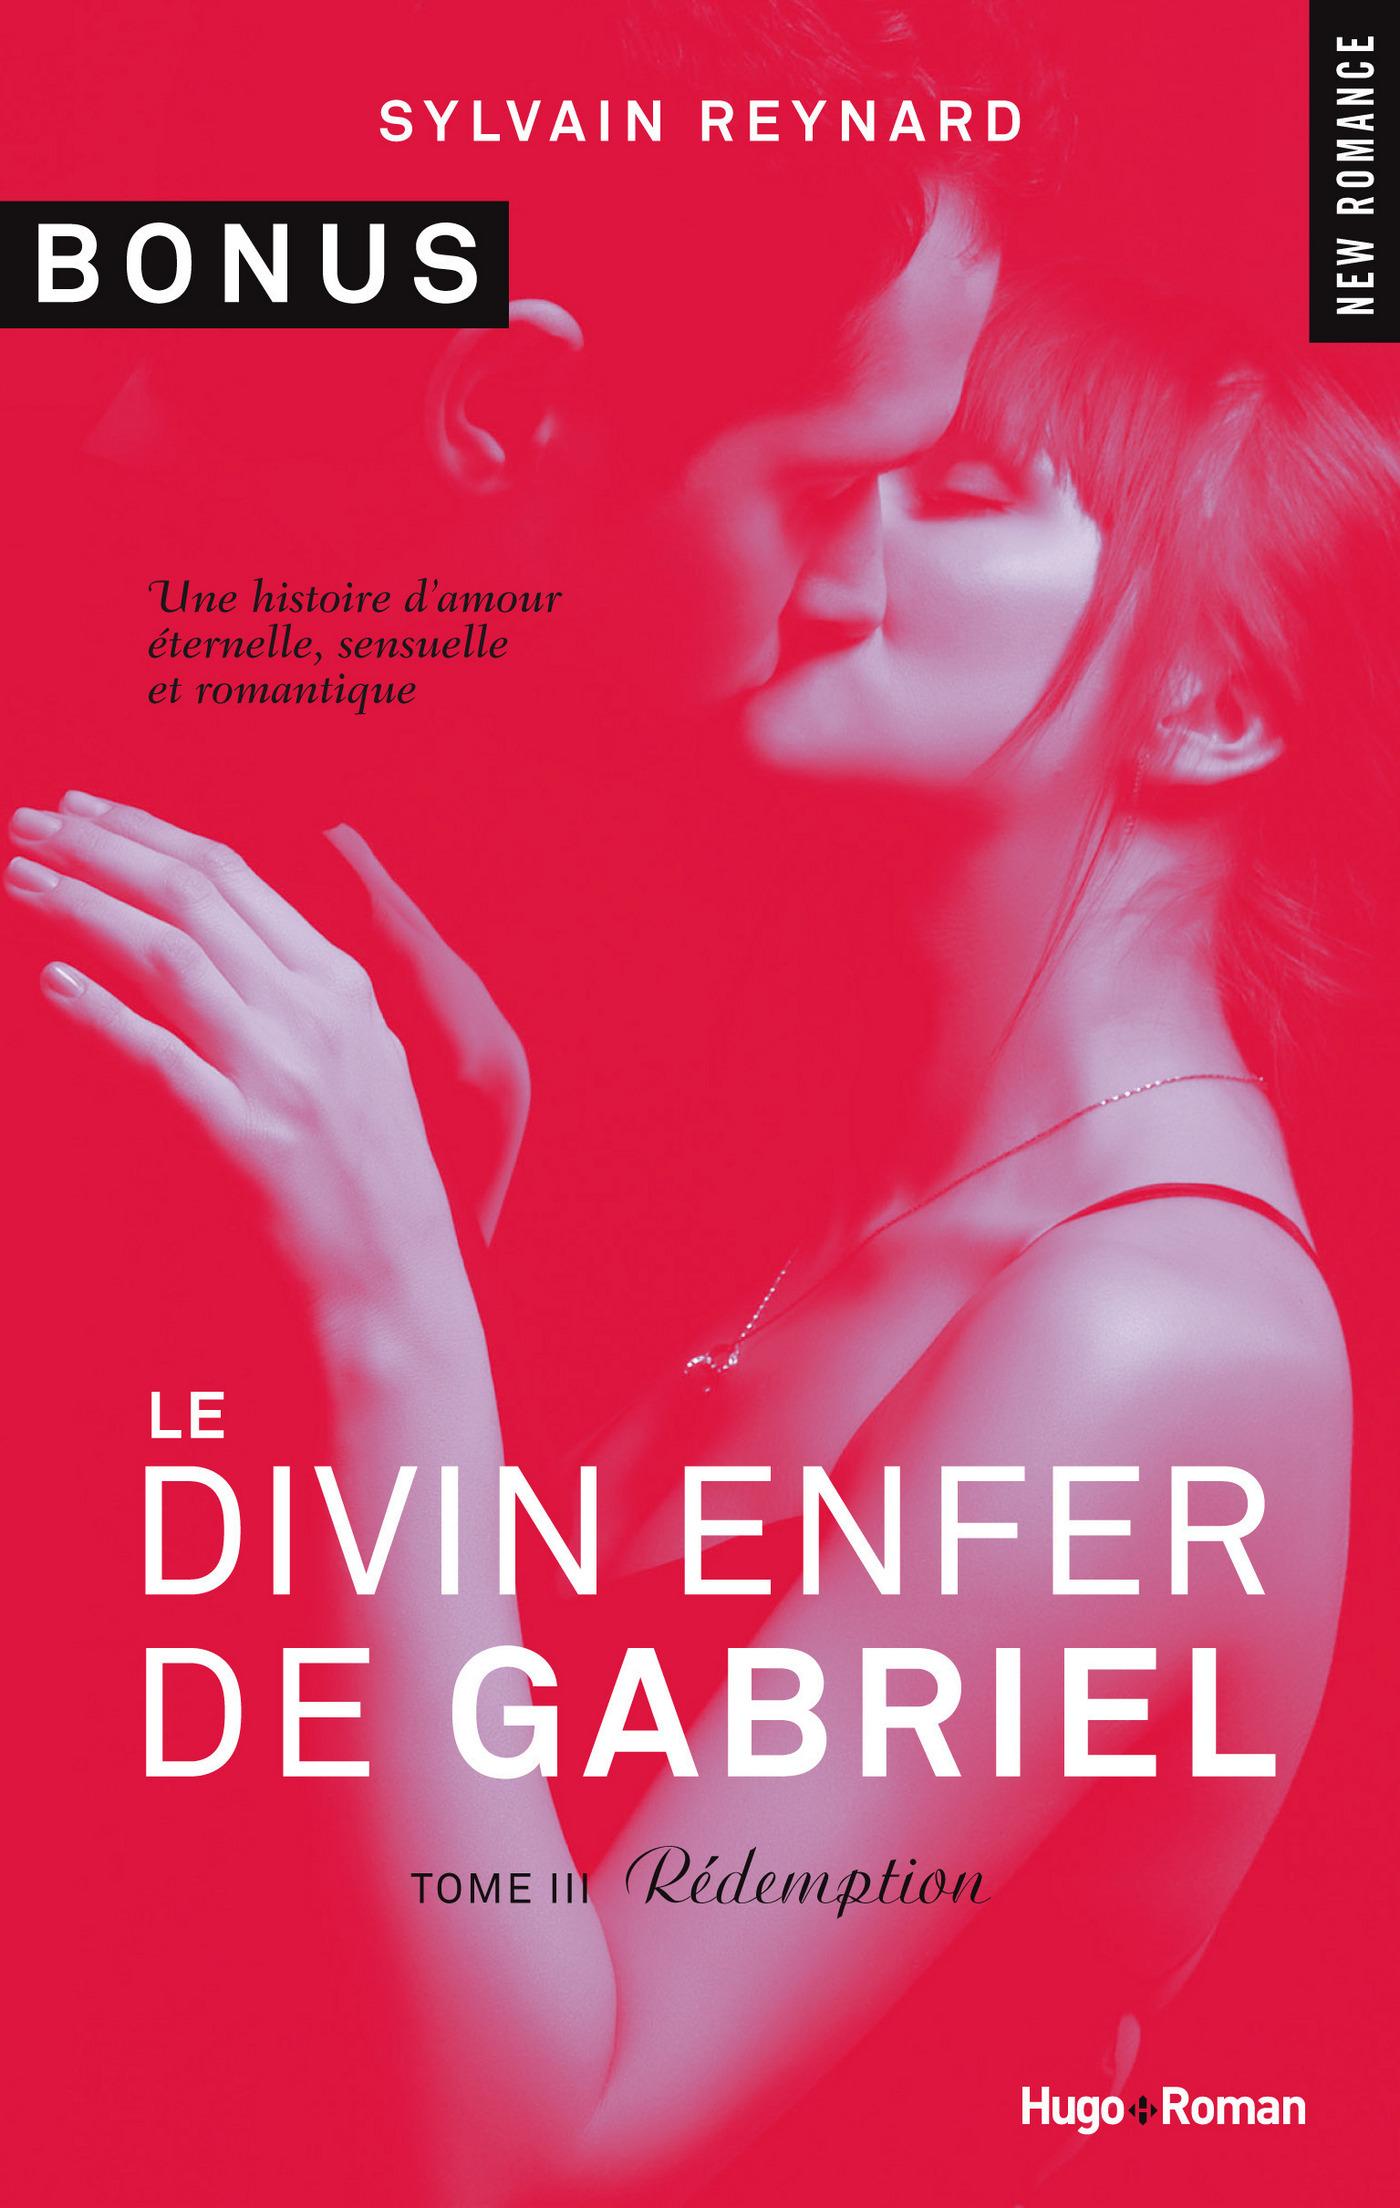 Le divin enfer de Gabriel - tome 3 Rédemption (Bonus) (ebook)